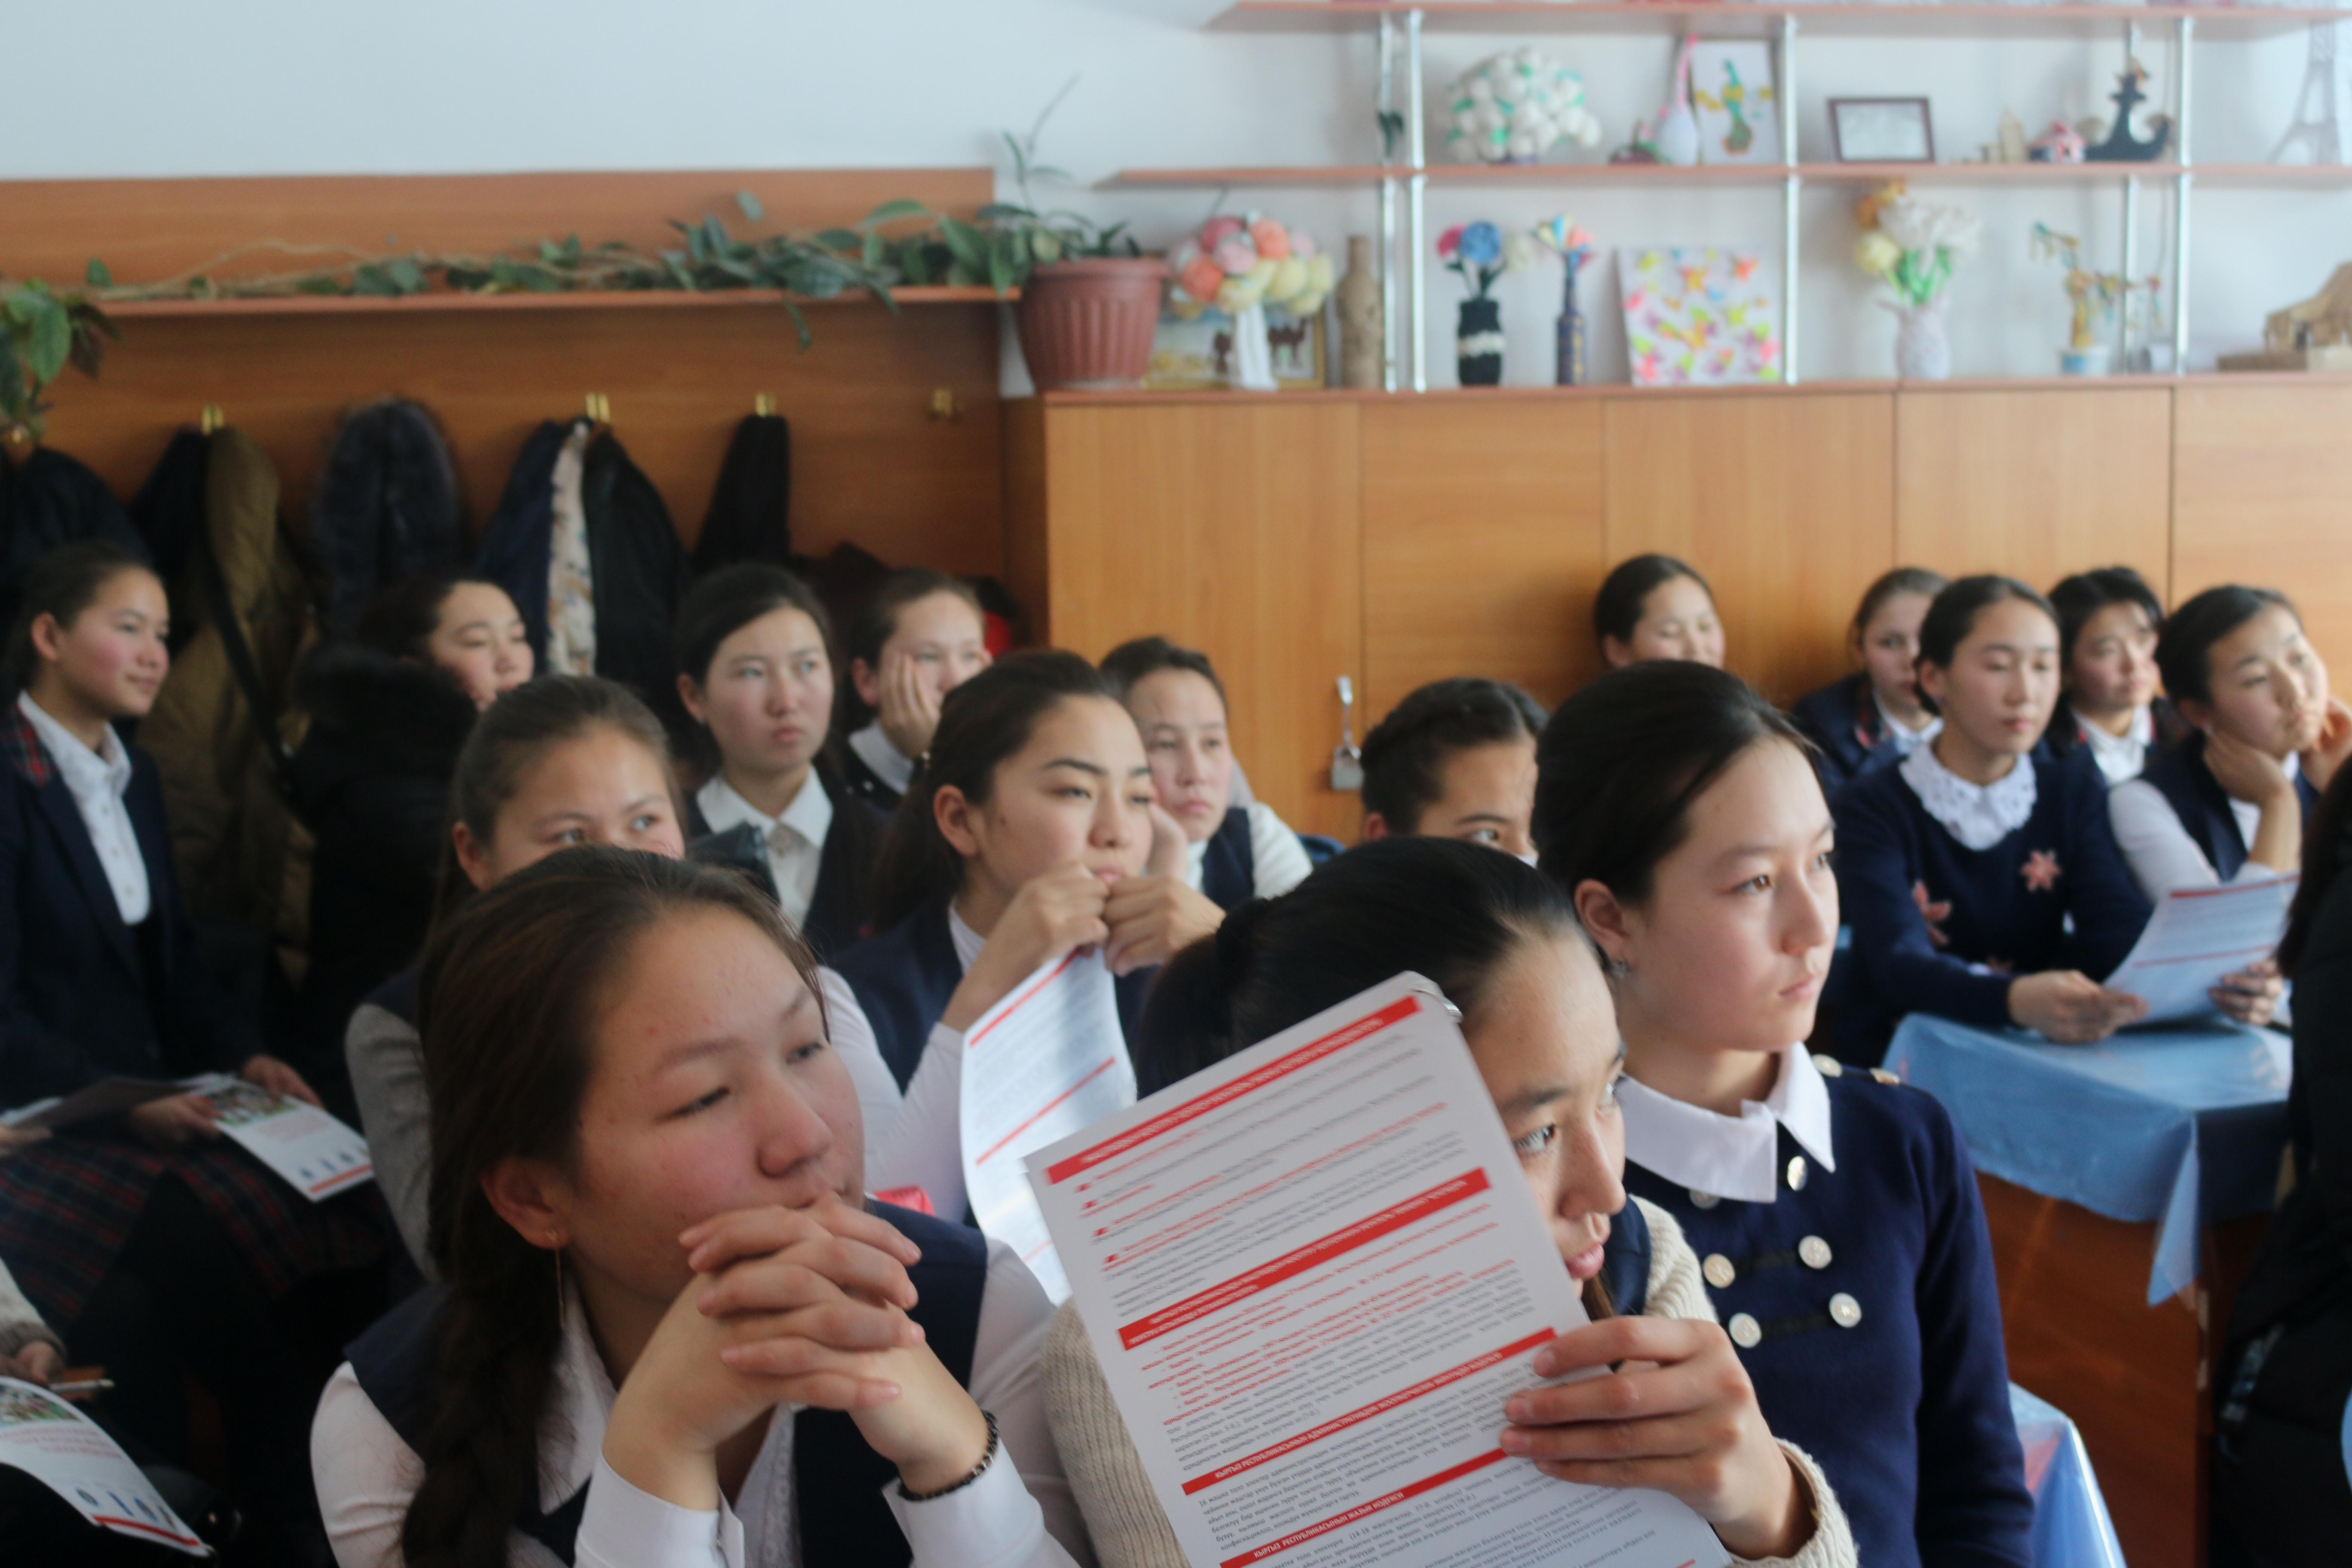 Ученики 9 класса лицея иностранных языков заслушали лекцию сотрудника юстиции по правам несовершеннолетних